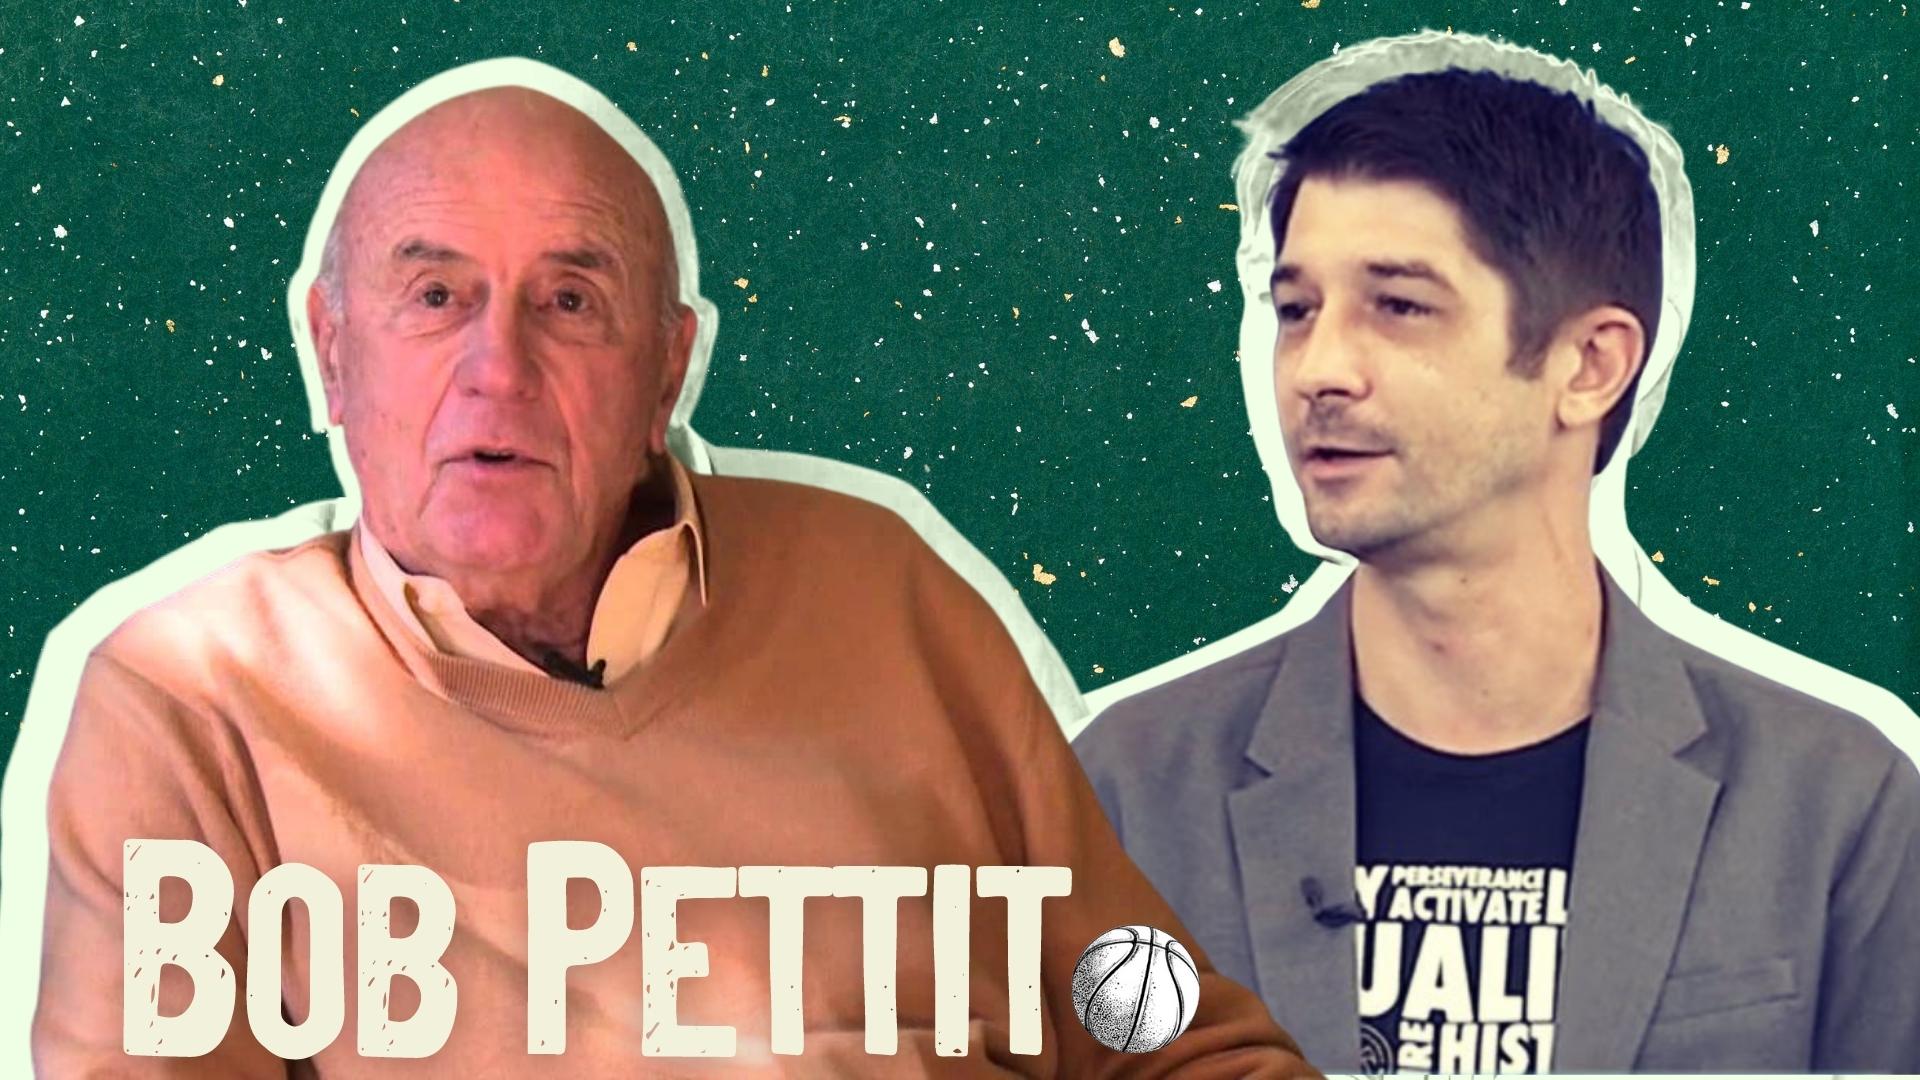 Bob Pettit on Louisiana Basketball and Rewatching Hoosiers